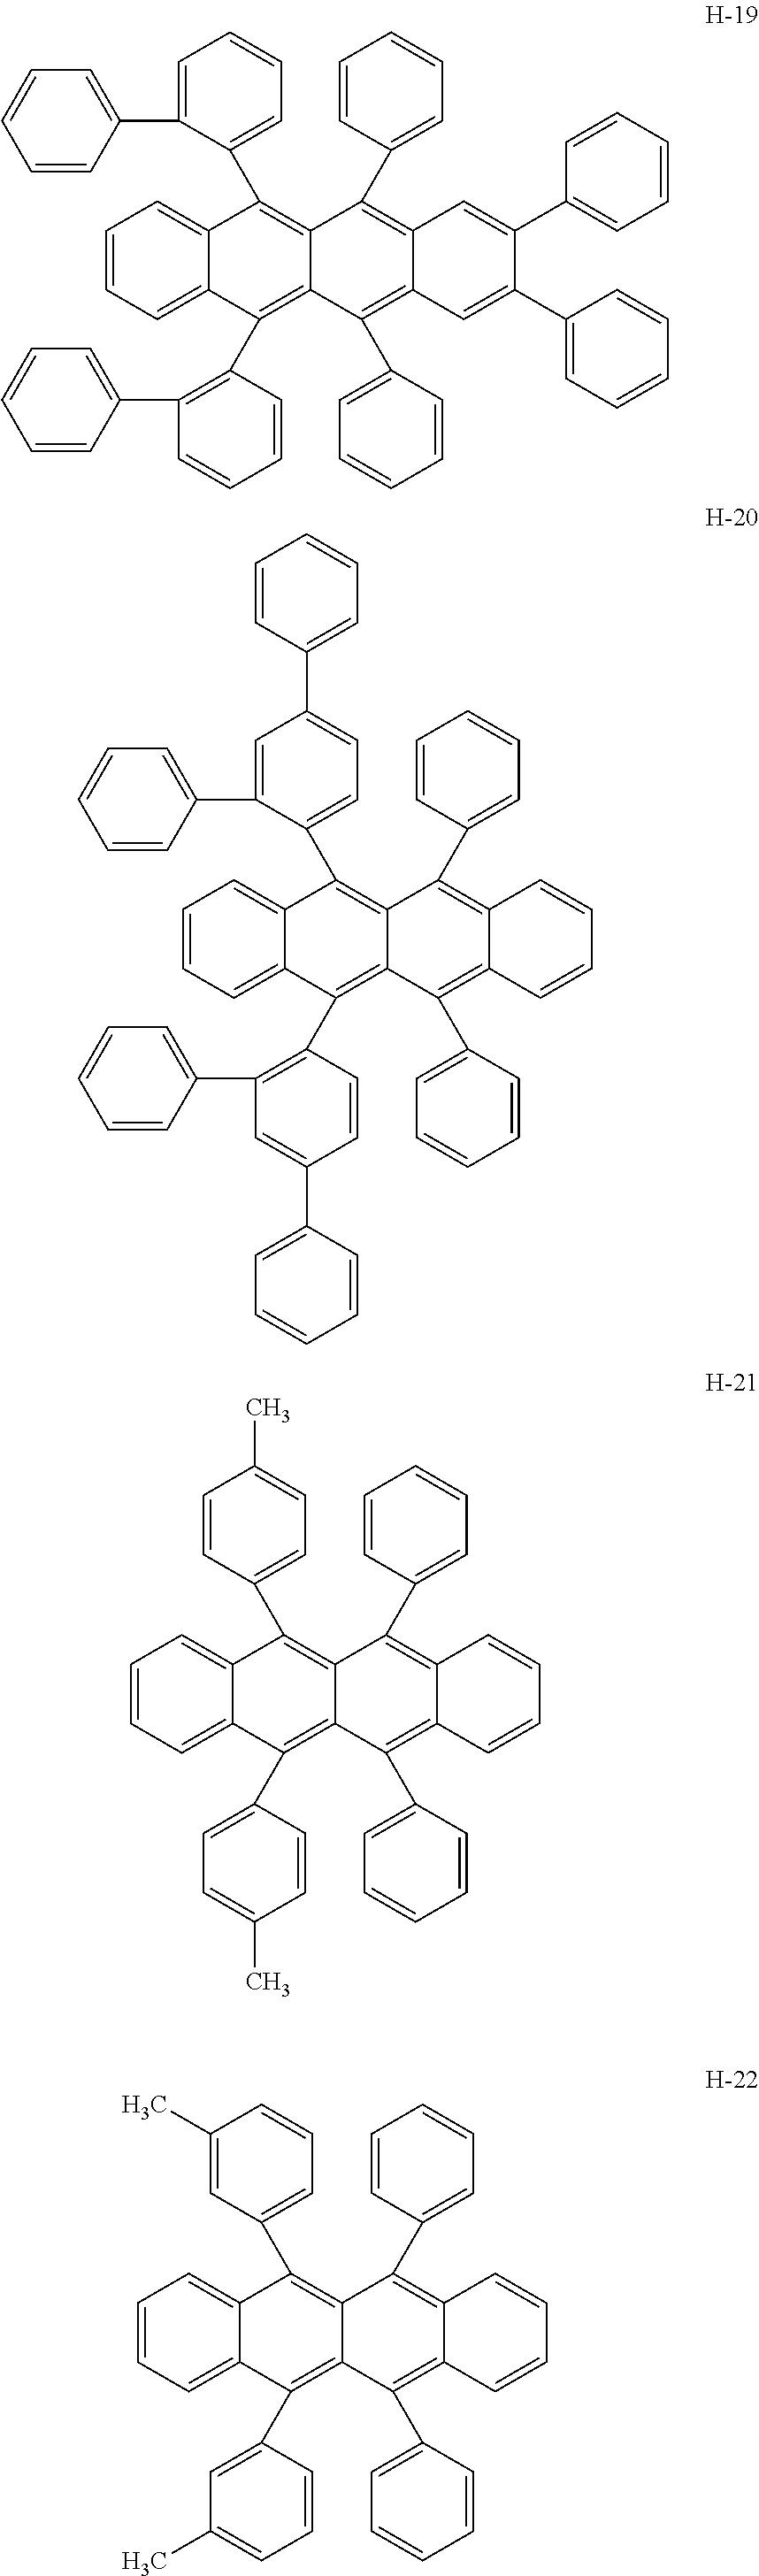 Figure US09799836-20171024-C00023